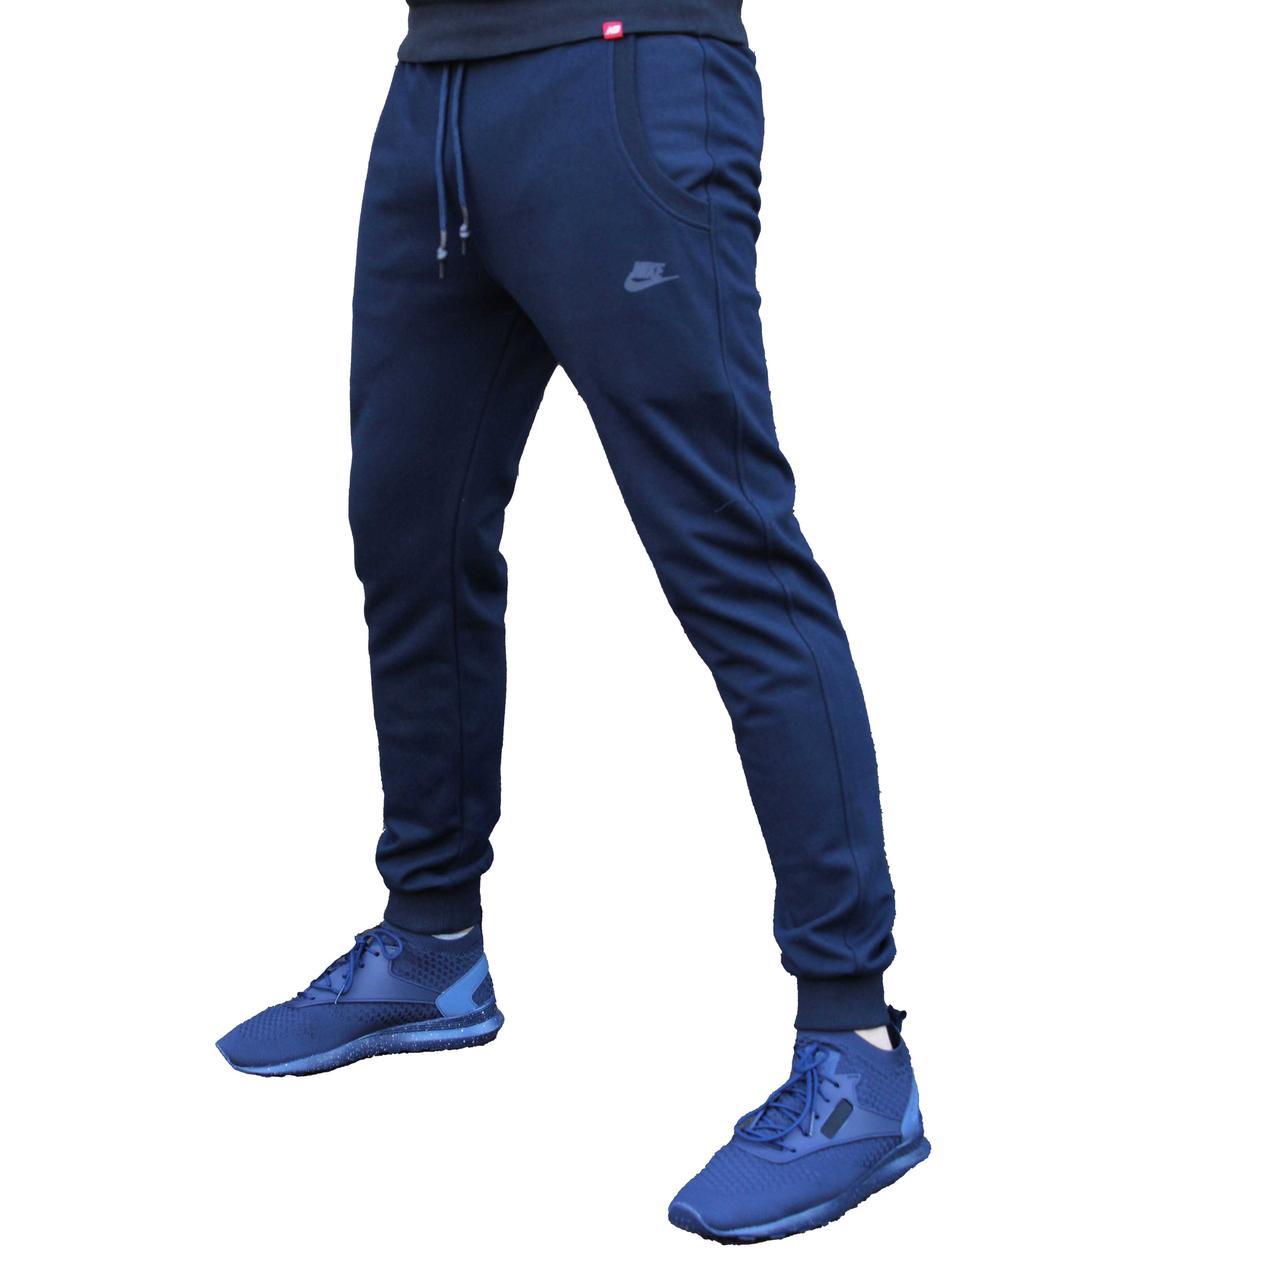 Спортивные трикотажные штаны синие на манжете 50 размера(Реплика)